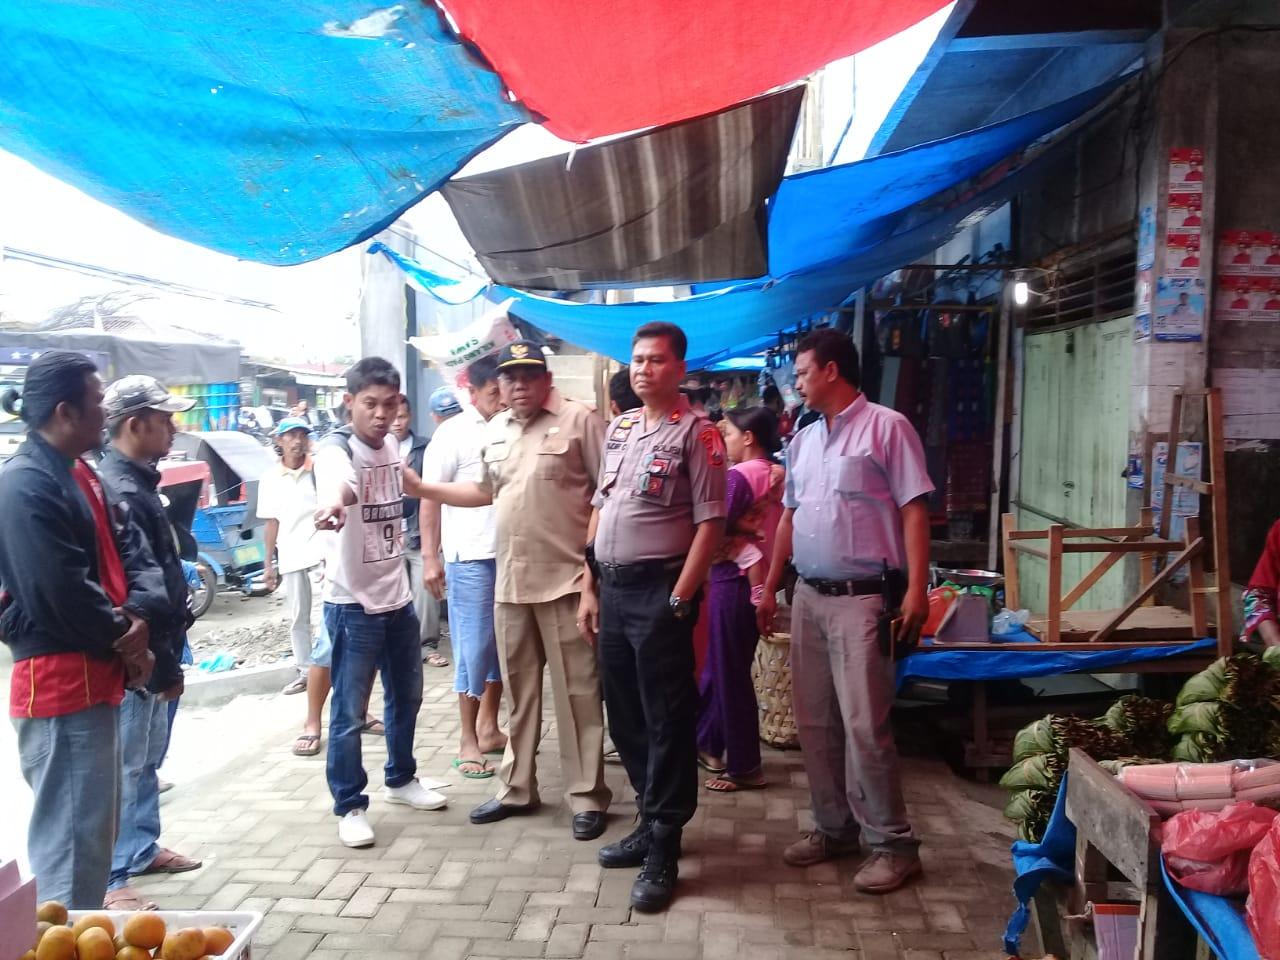 TINJAU: Kapolsek Pancurbatu Kompol Faidir SH MH meninjau pasar Pancurbatu.